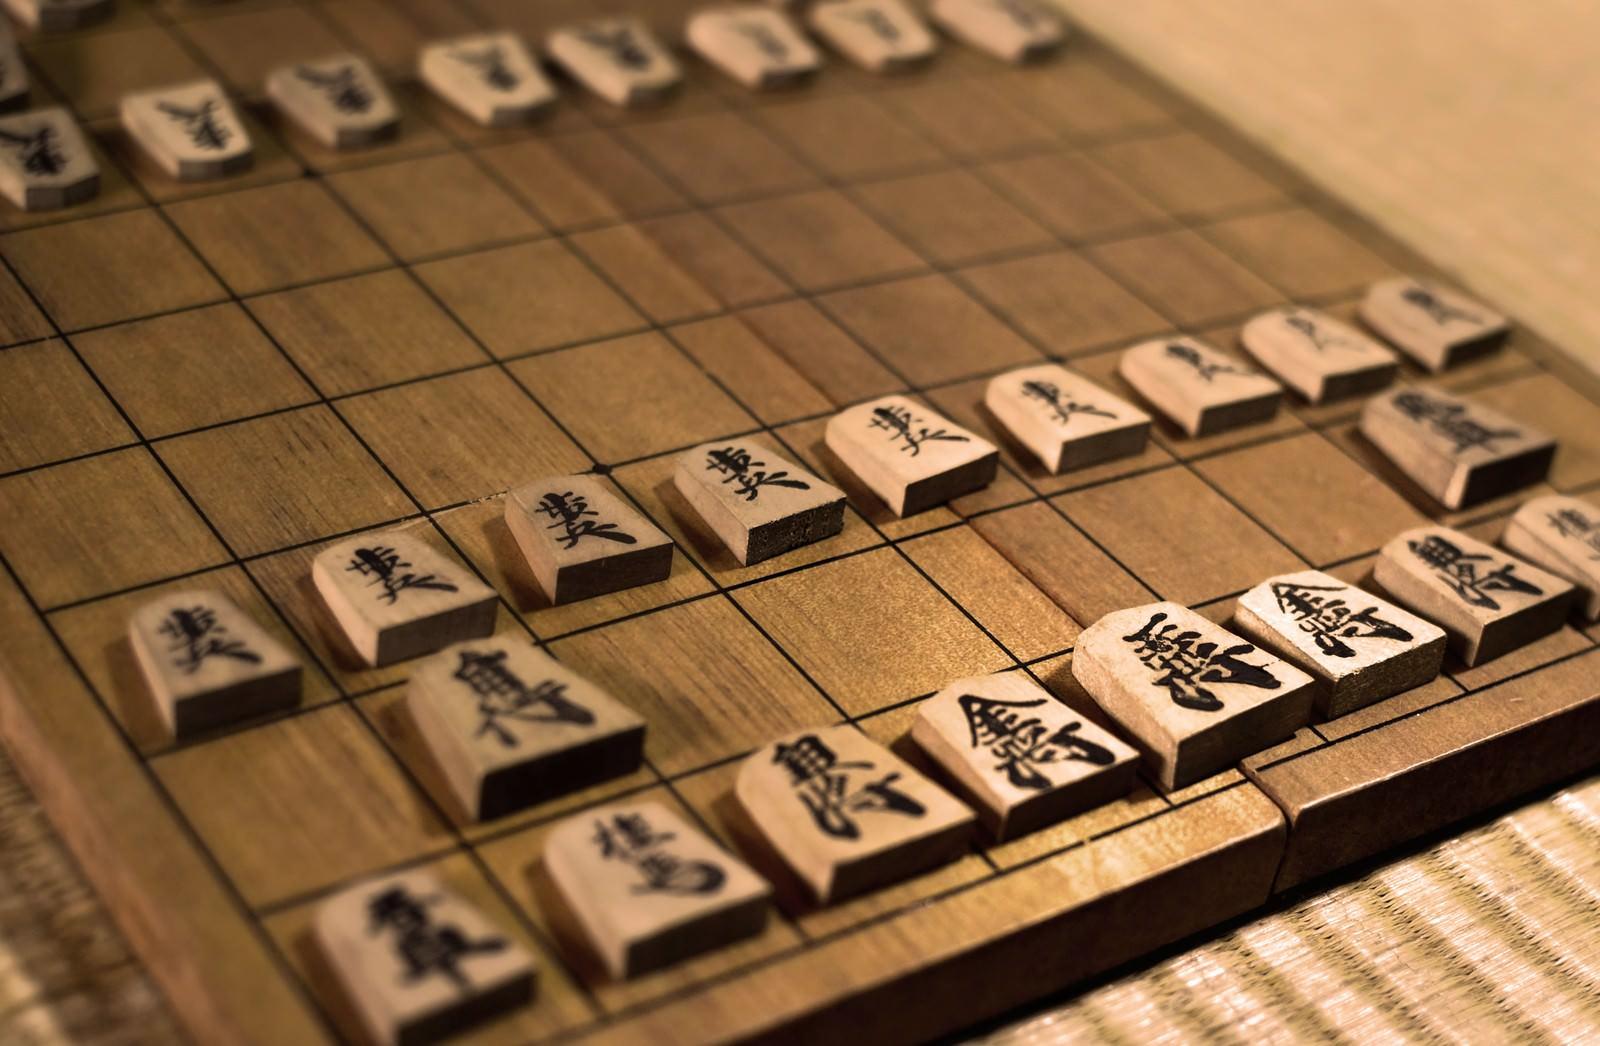 「古い折りたたみの将棋盤」の写真